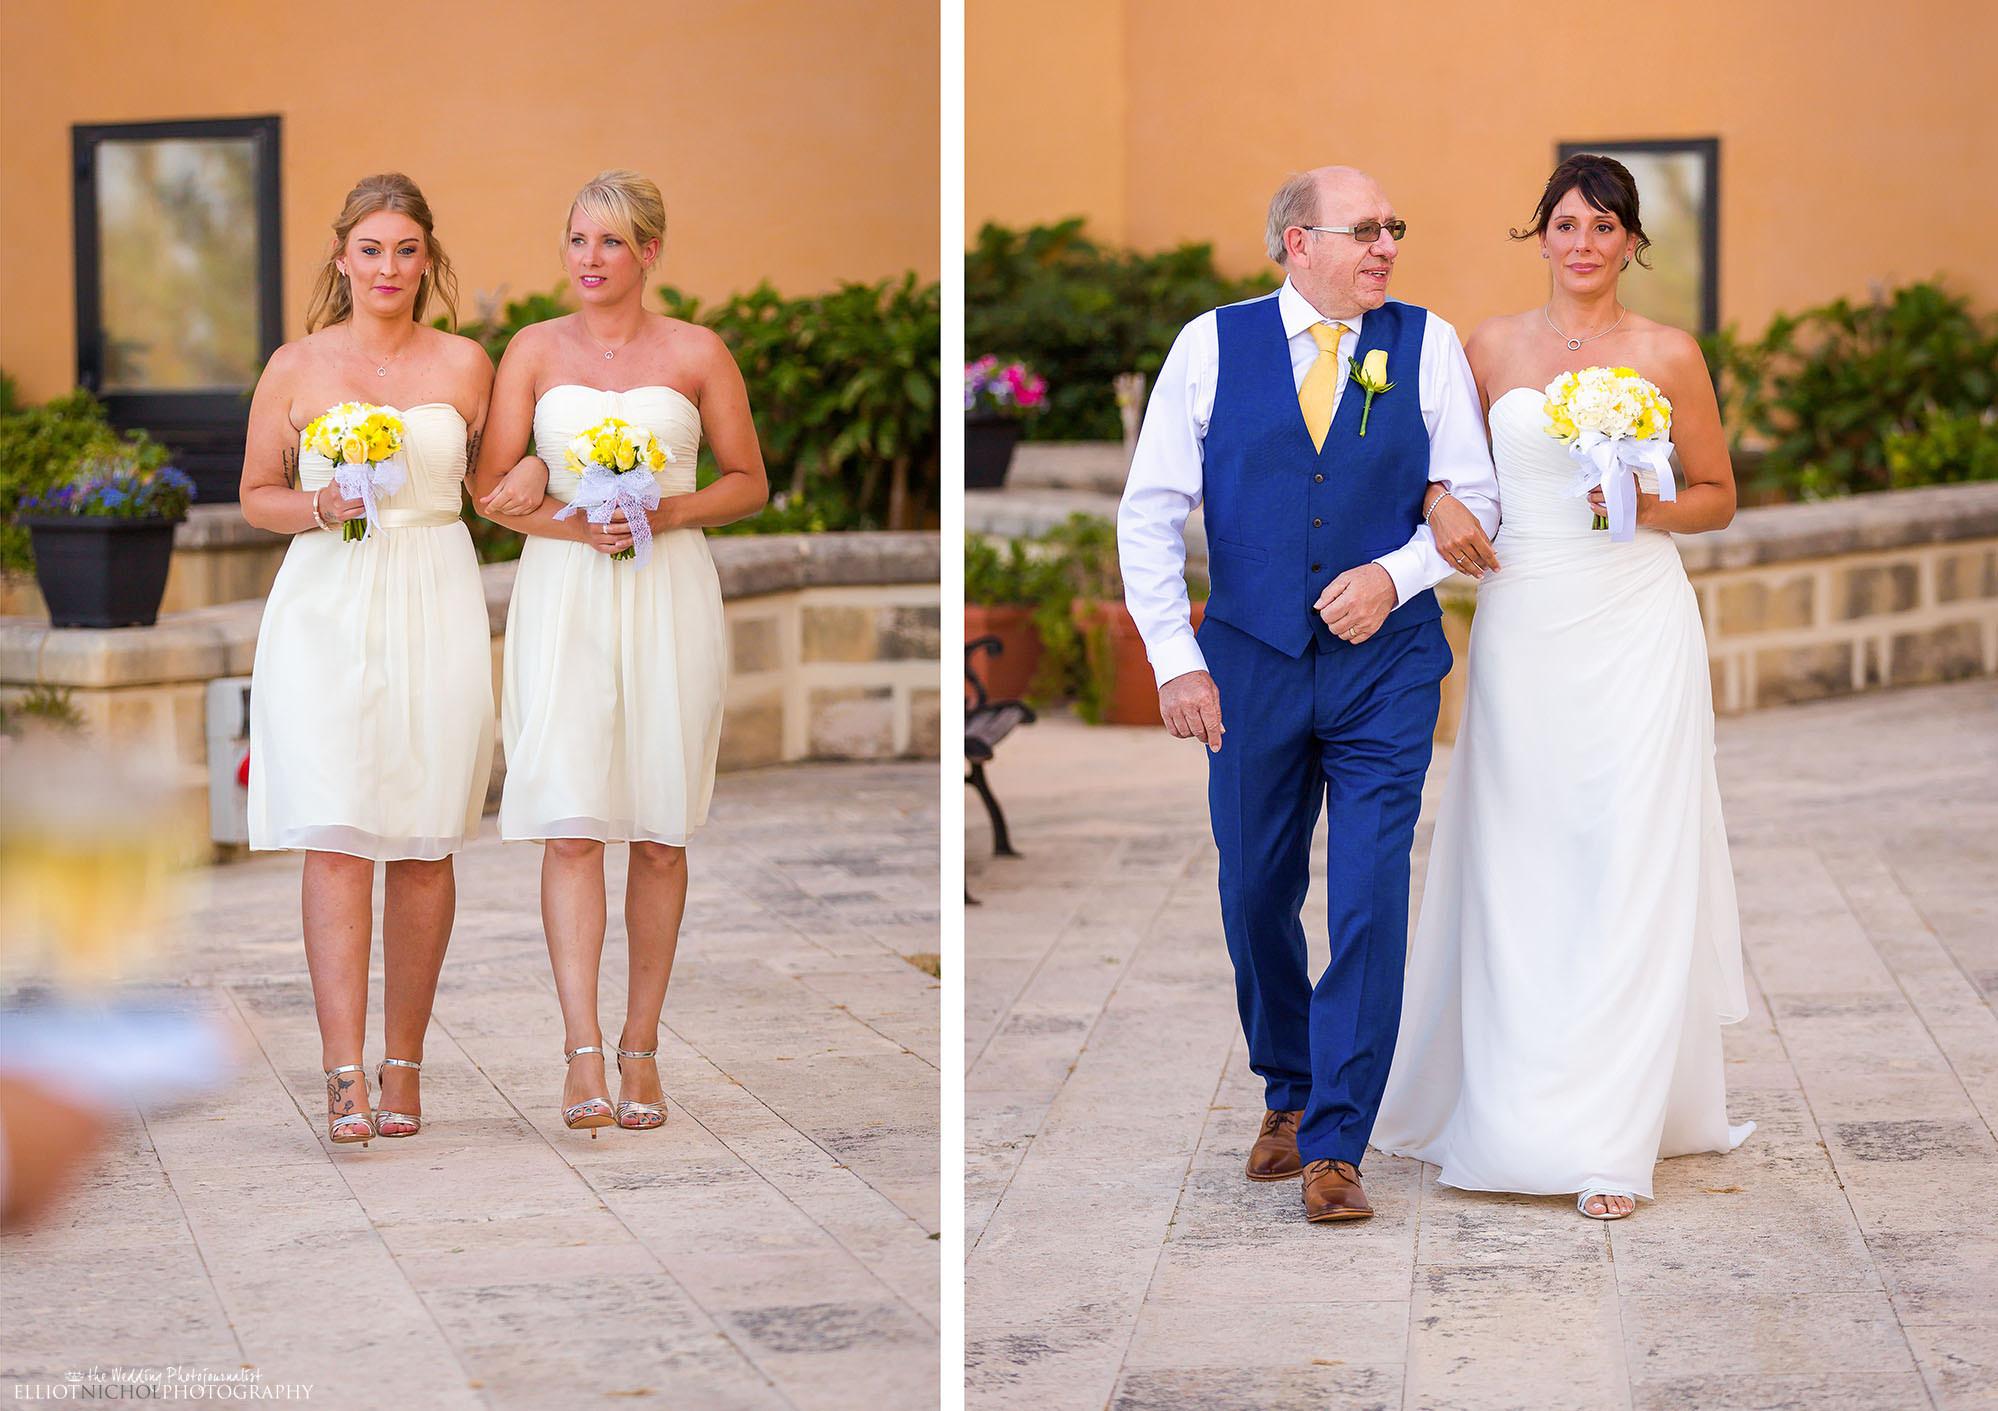 bride-bridesmaids-father-procession-wedding-ceremony